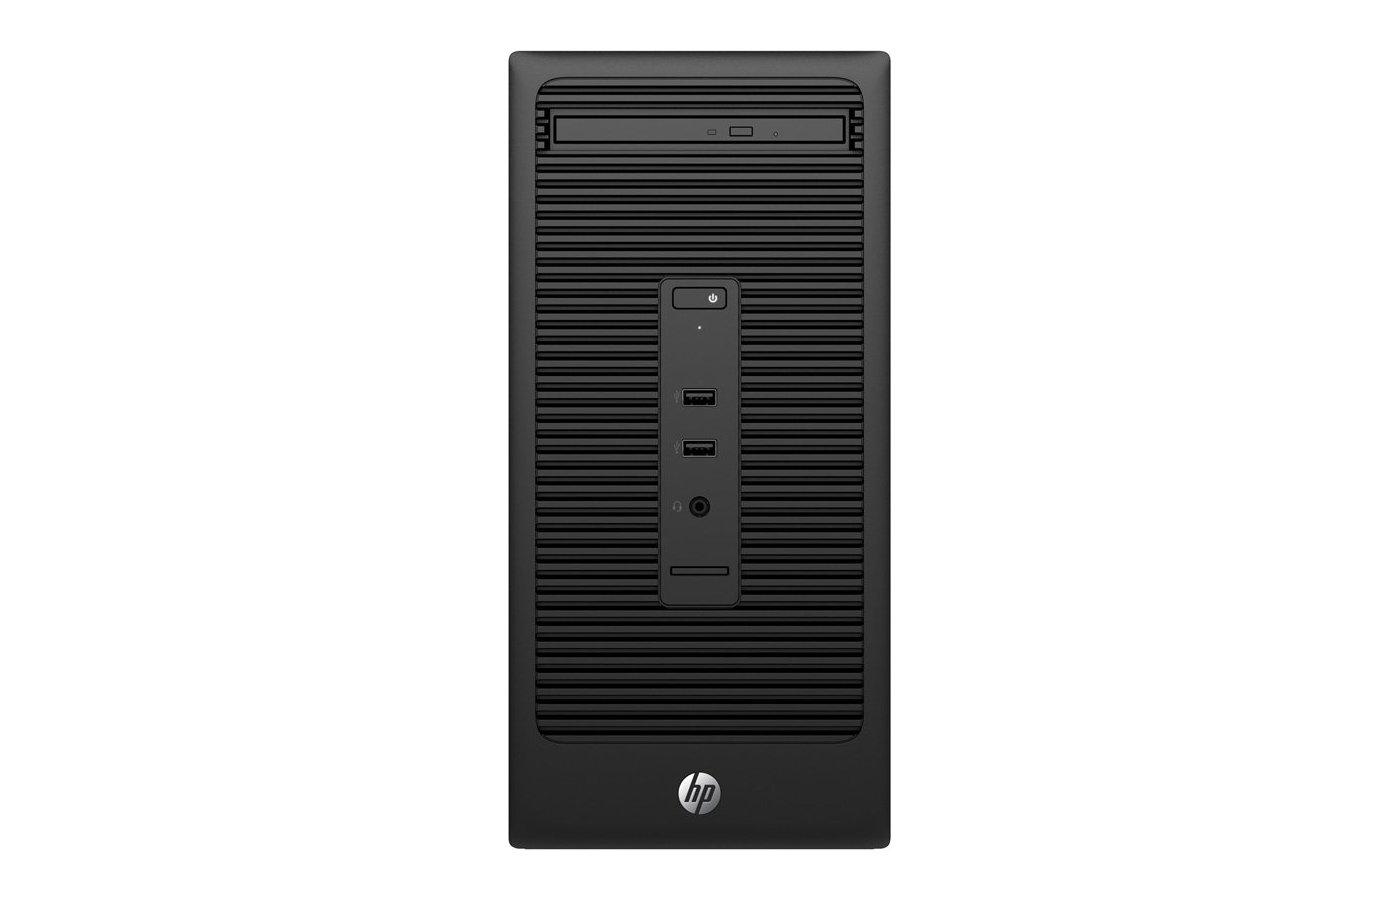 Системный блок HP 280G2 MT /X9D89ES/